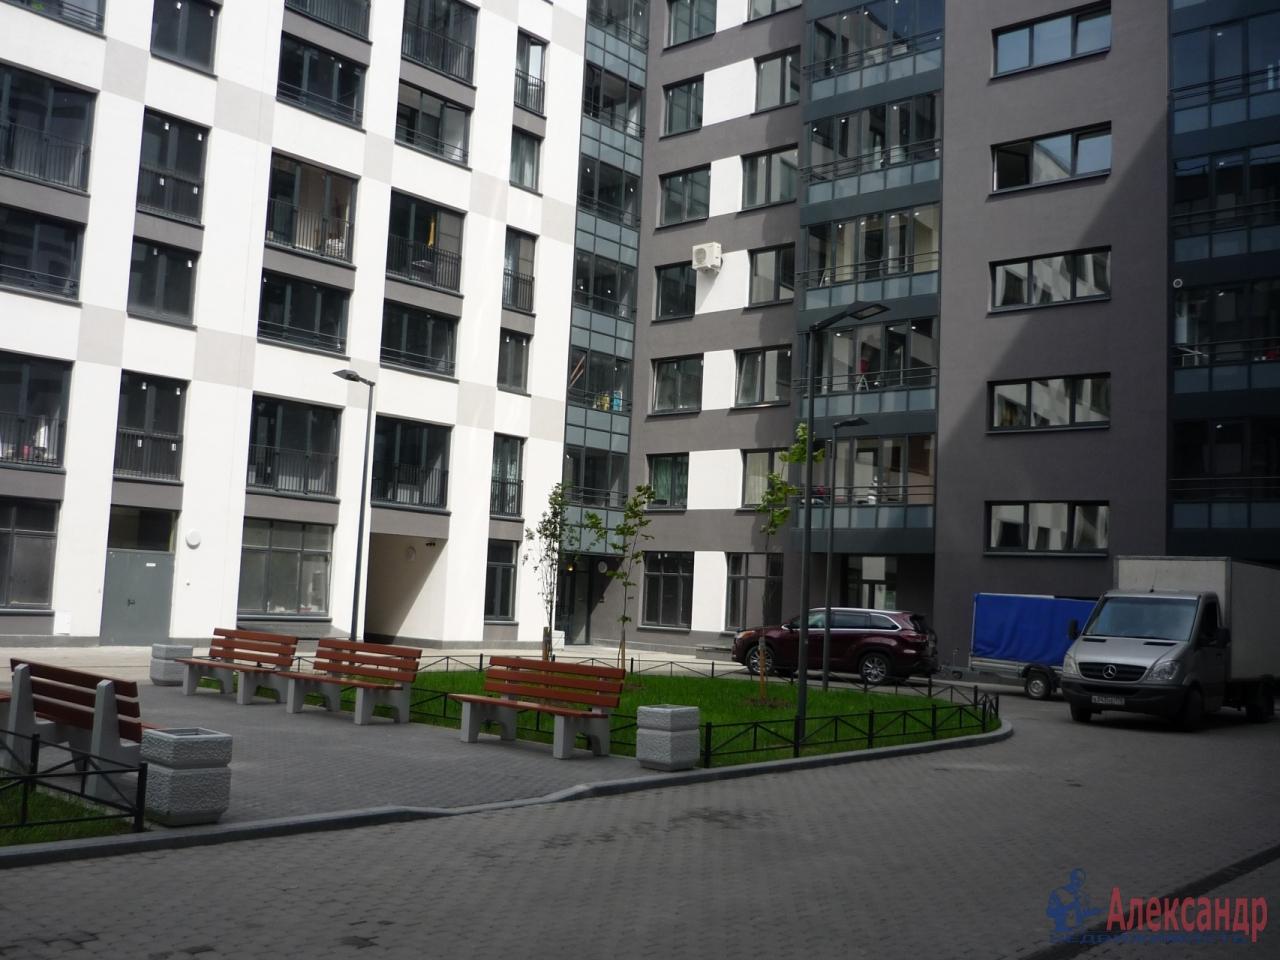 2-комнатная квартира (72м2) в аренду по адресу Кременчугская ул., 9— фото 16 из 17